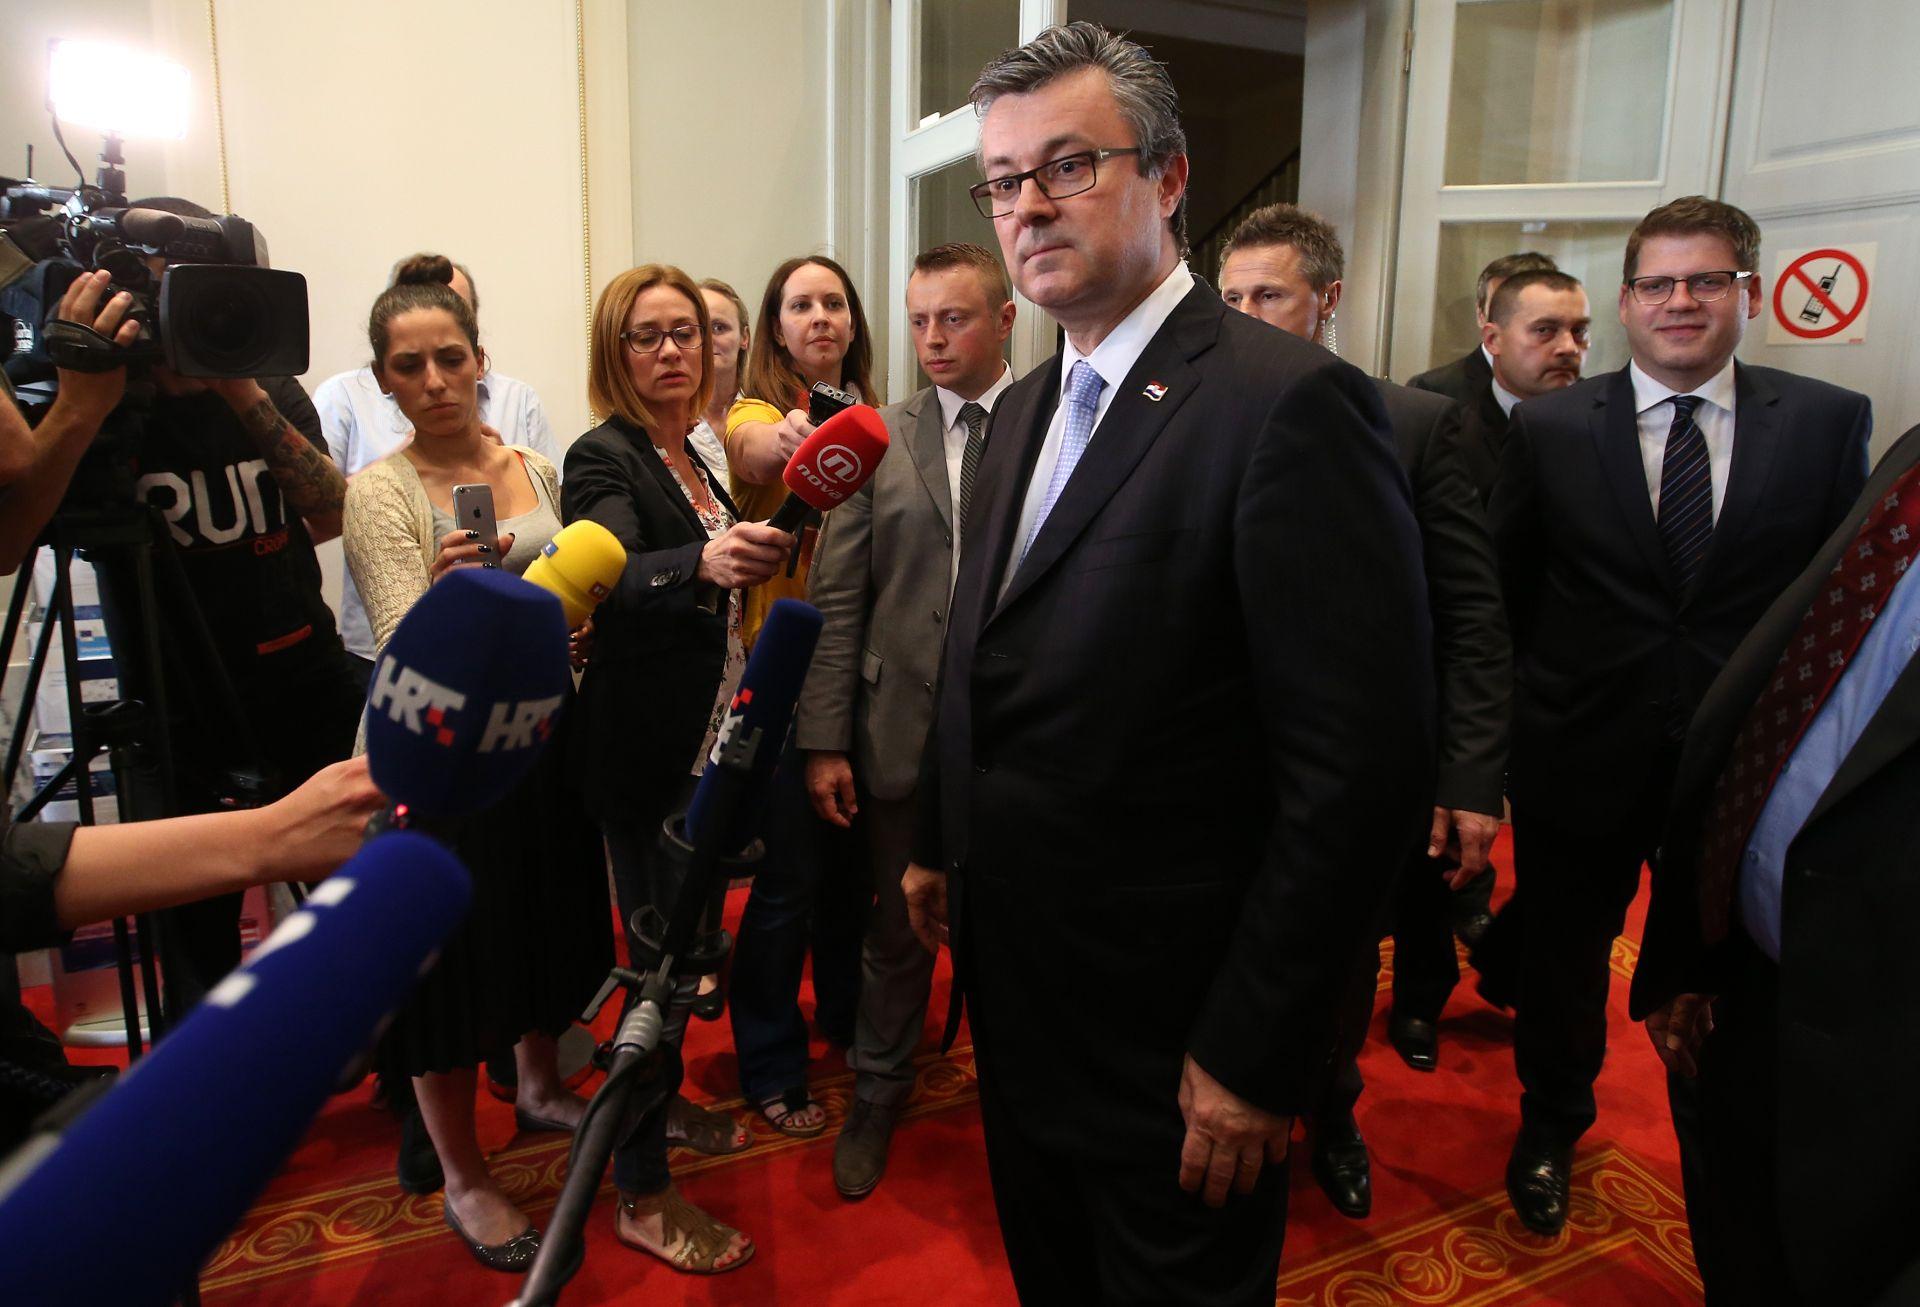 NAKON OPOZIVA Orešković: 'Kad sam ušao u ovu situaciju, došao sam da pomognem svojoj domovini'